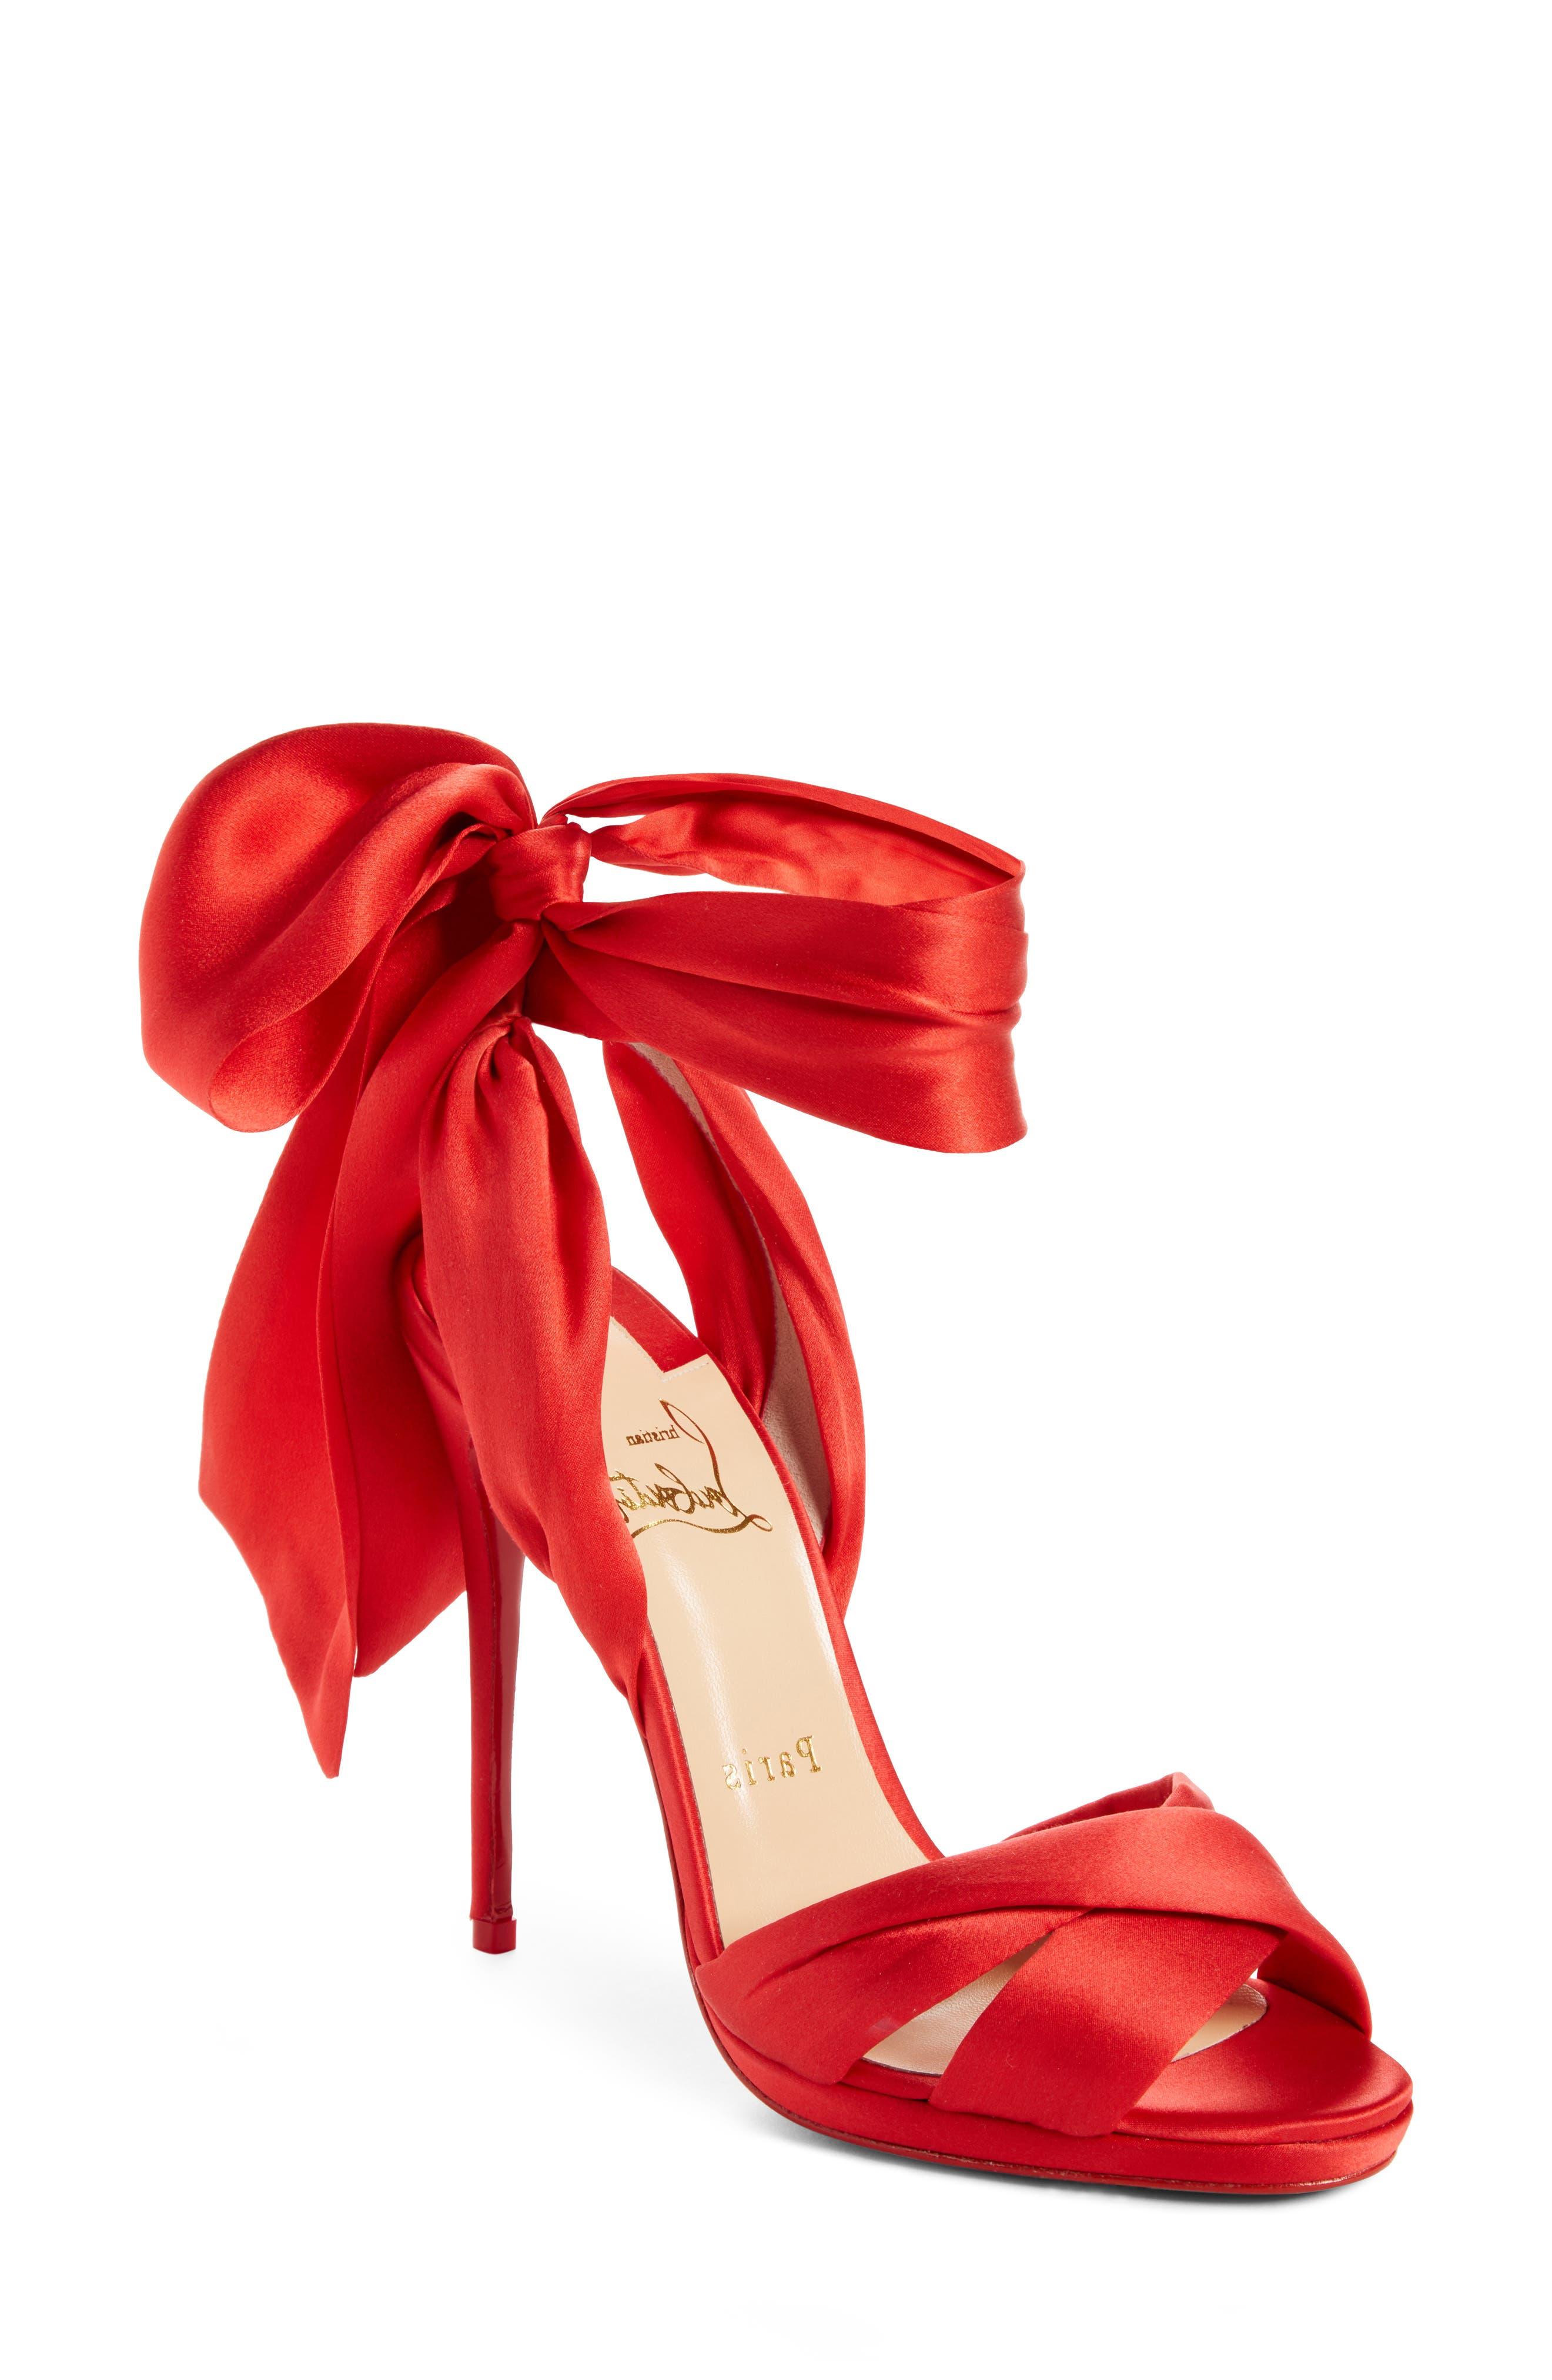 Très Frais Ankle Wrap Sandal,                             Main thumbnail 1, color,                             RED